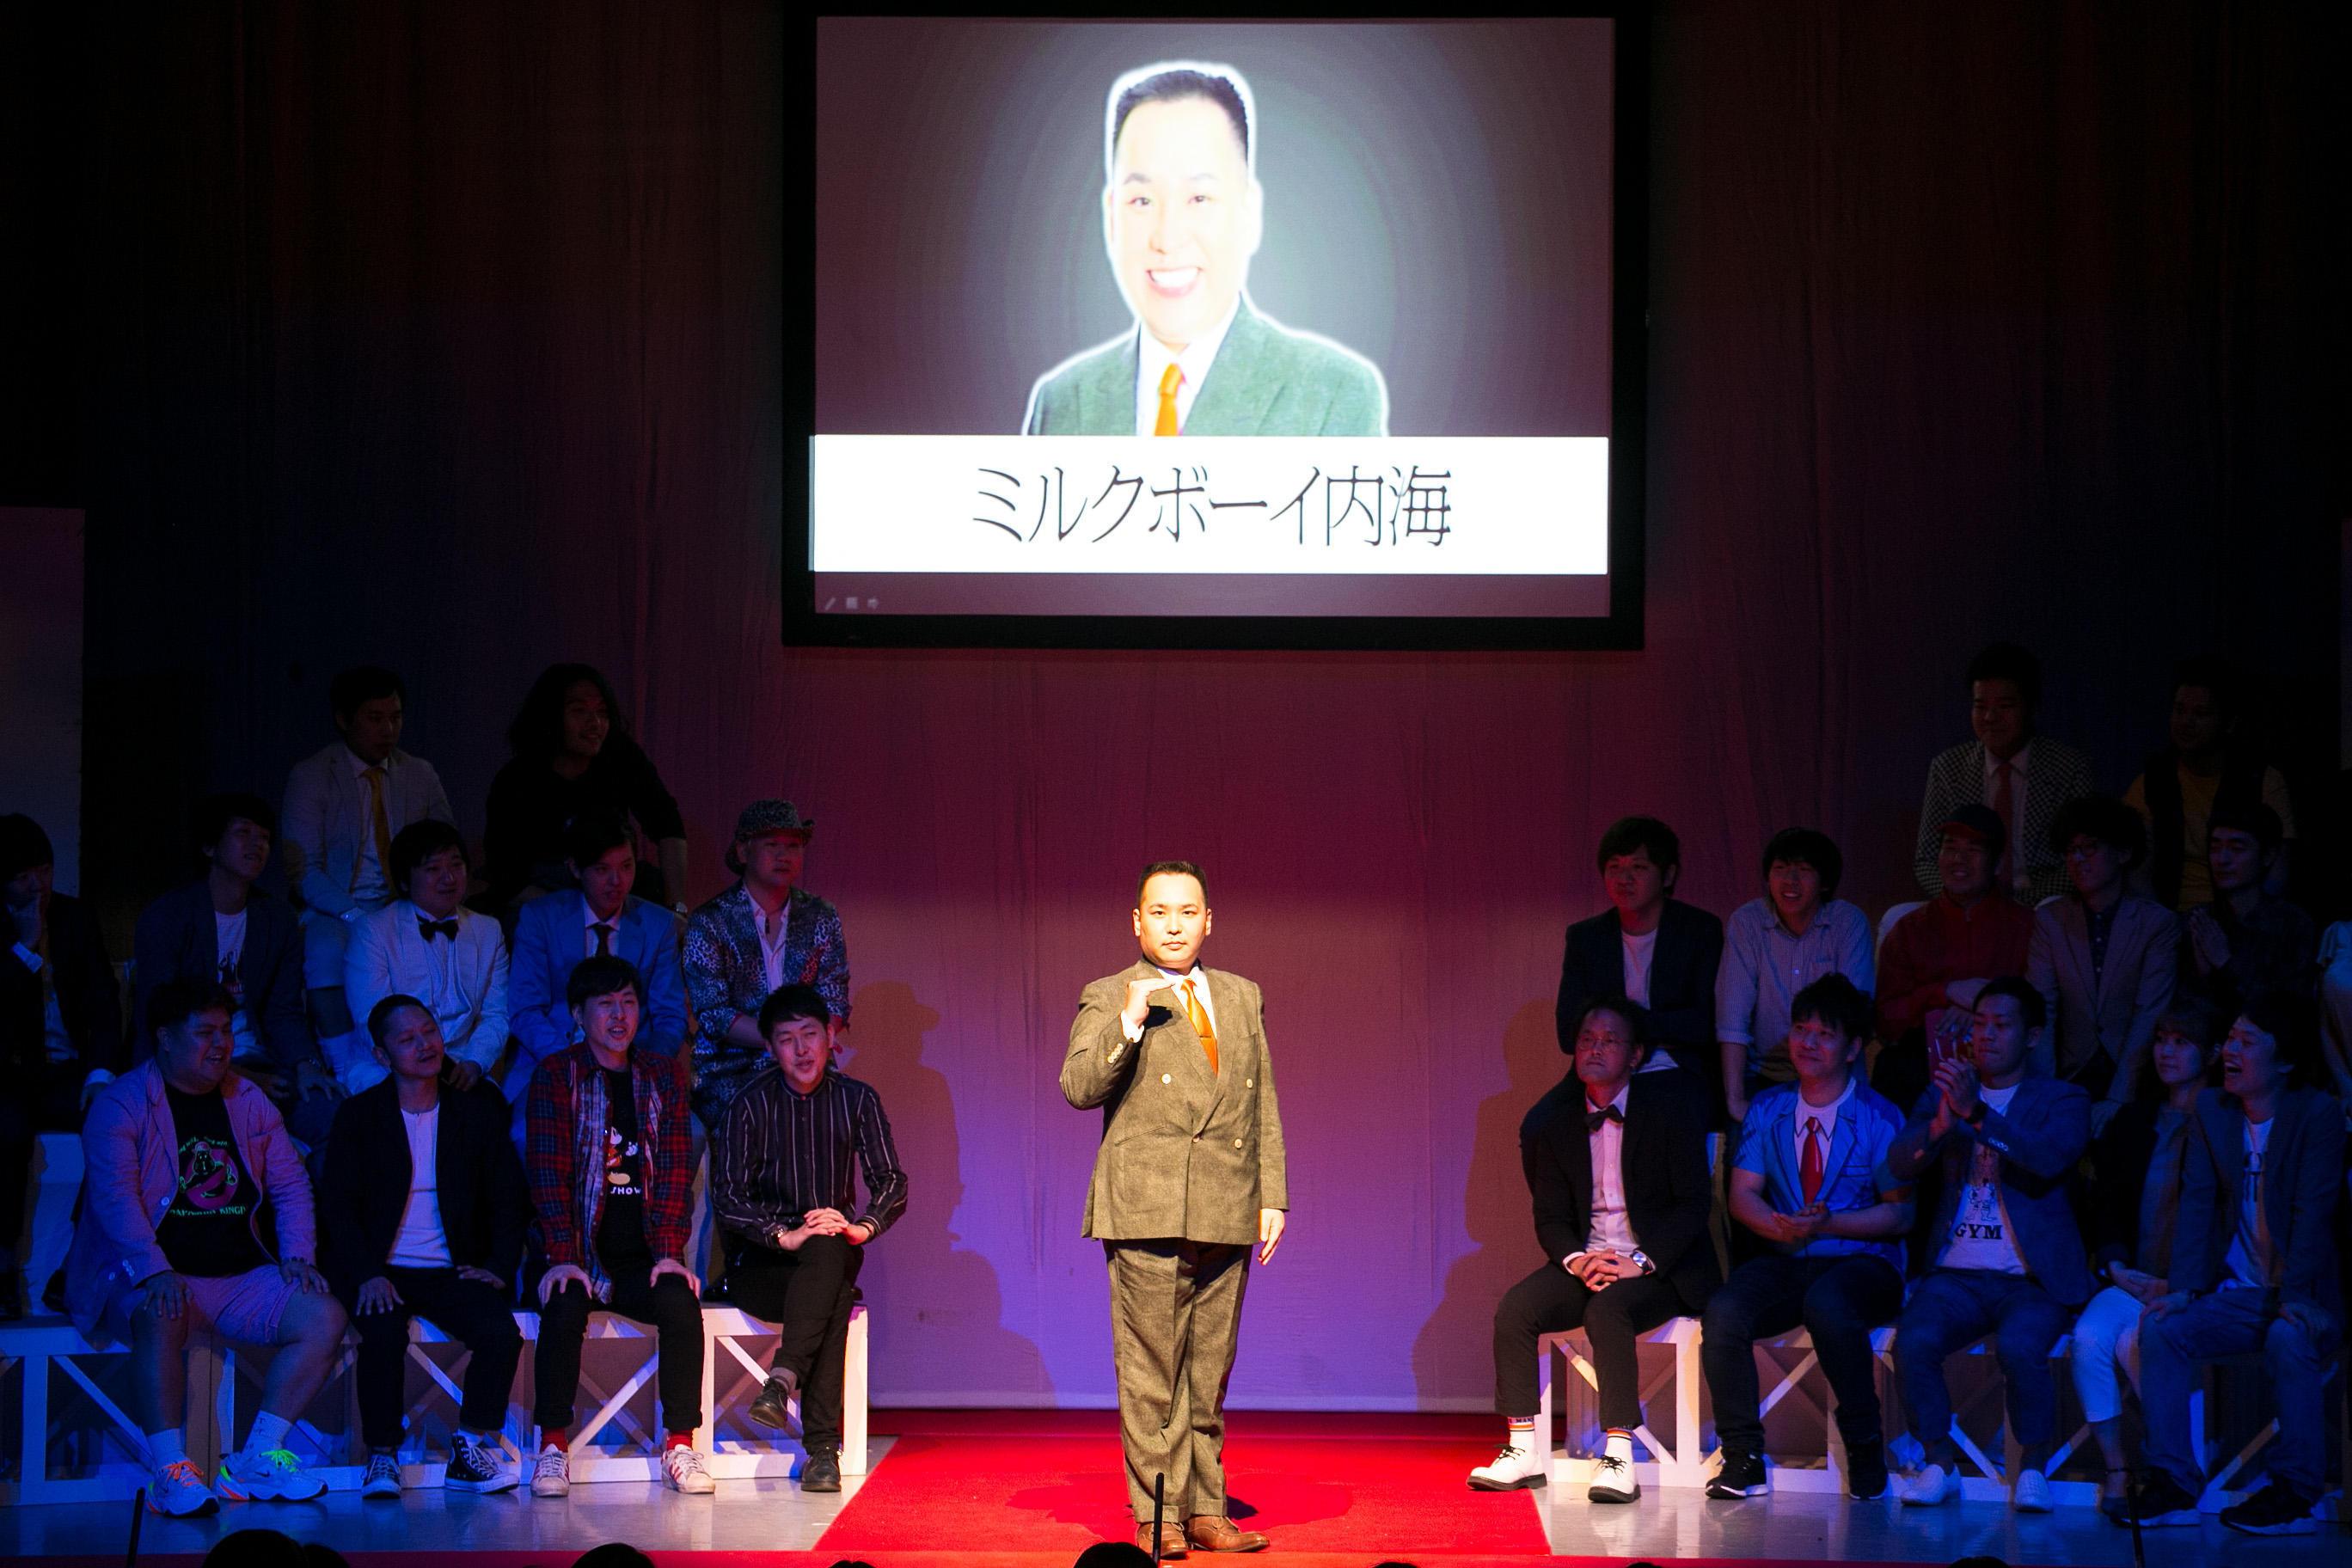 http://news.yoshimoto.co.jp/20181228112915-3551479ddec161082515b615265823357cf58cb4.jpg